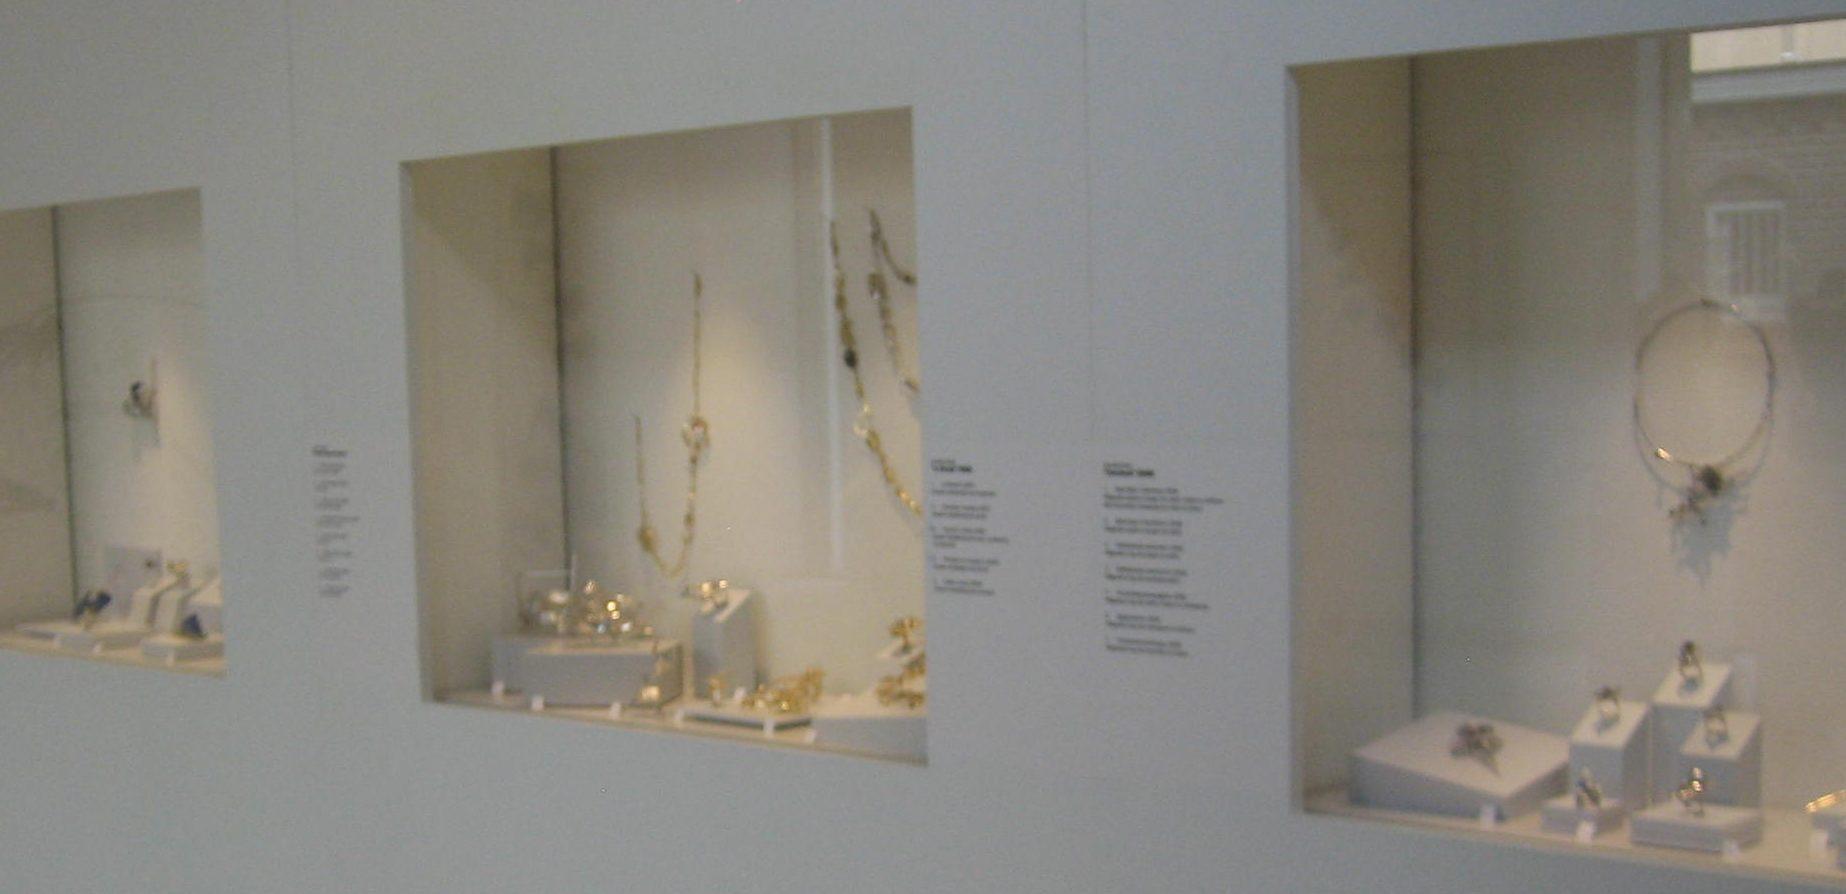 Anneke Schat in Museum Van der Togt, februari 2019. Foto Esther Doornbusch, CC BY 4.0